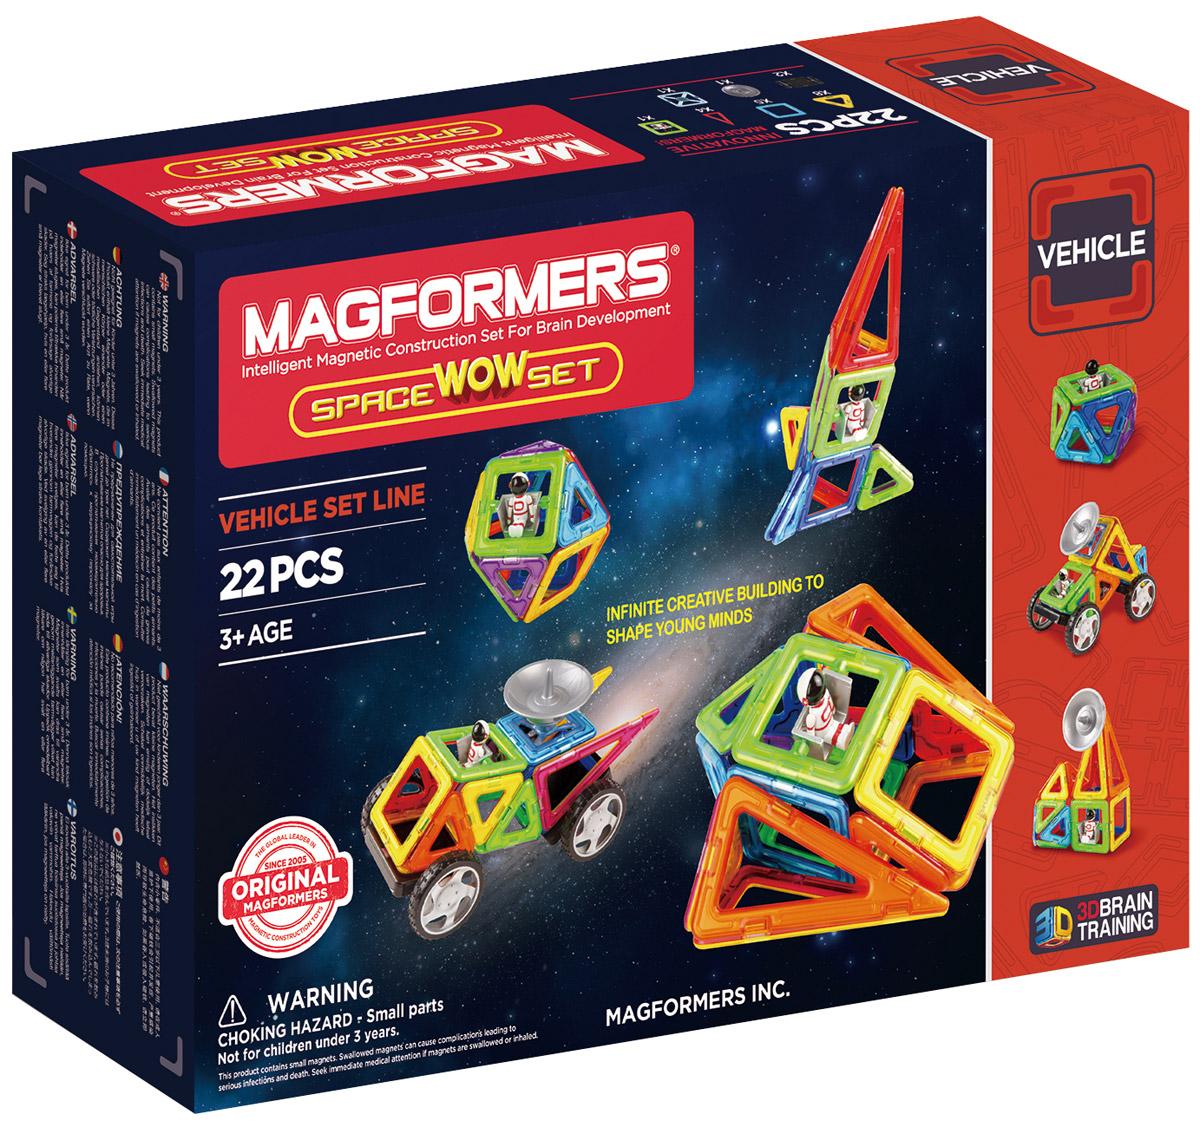 Magformers Магнитный конструктор Space Wow707009Всеми любимый набор Magformers Wow стал еще более потрясающим! Он придется по душе мечтателям о звездных далях, ведь новая версия посвящена космической тематике. В наборе представлены особенные элементы: Фигурка космонавта, которая поможет исследовать далекие миры. Антенна, которая добавит космическим кораблям и луноходам реалистичности. Обучающие карточки, которые познакомят с принципом конструирования Магформерс. С новыми и базовыми элементами набора ребенок сможет сконструировать разнообразные космические аппараты, орбитальные спутники и ракеты, на которых отважный космонавт отправится покорять неизведанные планеты. Особый интерес представляют обучающие карточки: они наглядно демонстрируют процесс трансформации плоских фигур в объемные и содержат схемы разнообразных построек на космическую тему, с помощью которых юный инженер сможет создать собственную флотилию космических кораблей. Смело исследуйте загадочные космические просторы с Magformers Space Wow Set! Конструкторы...